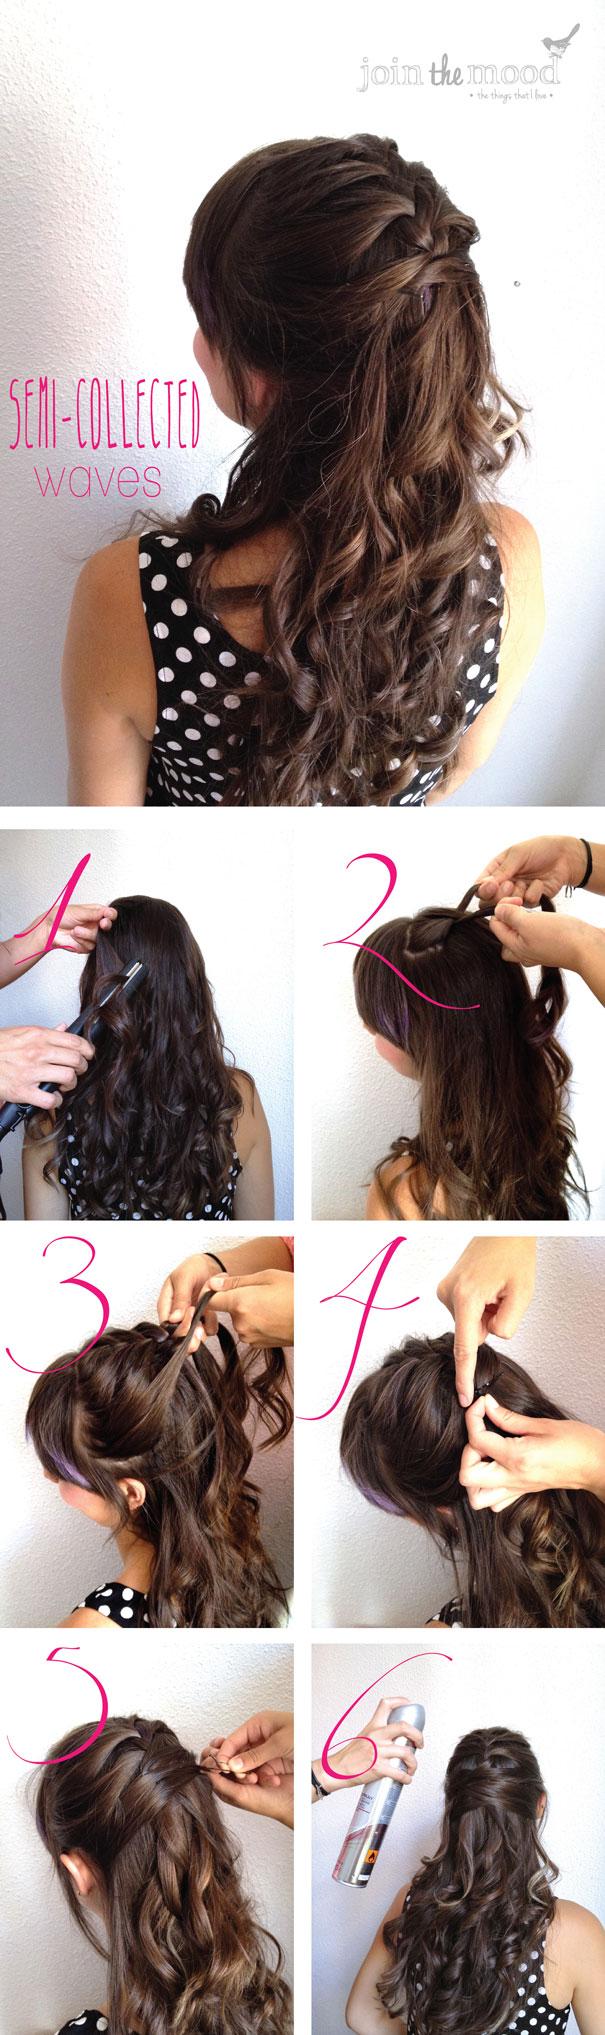 13 Half Up Half Down Hair Tutorials